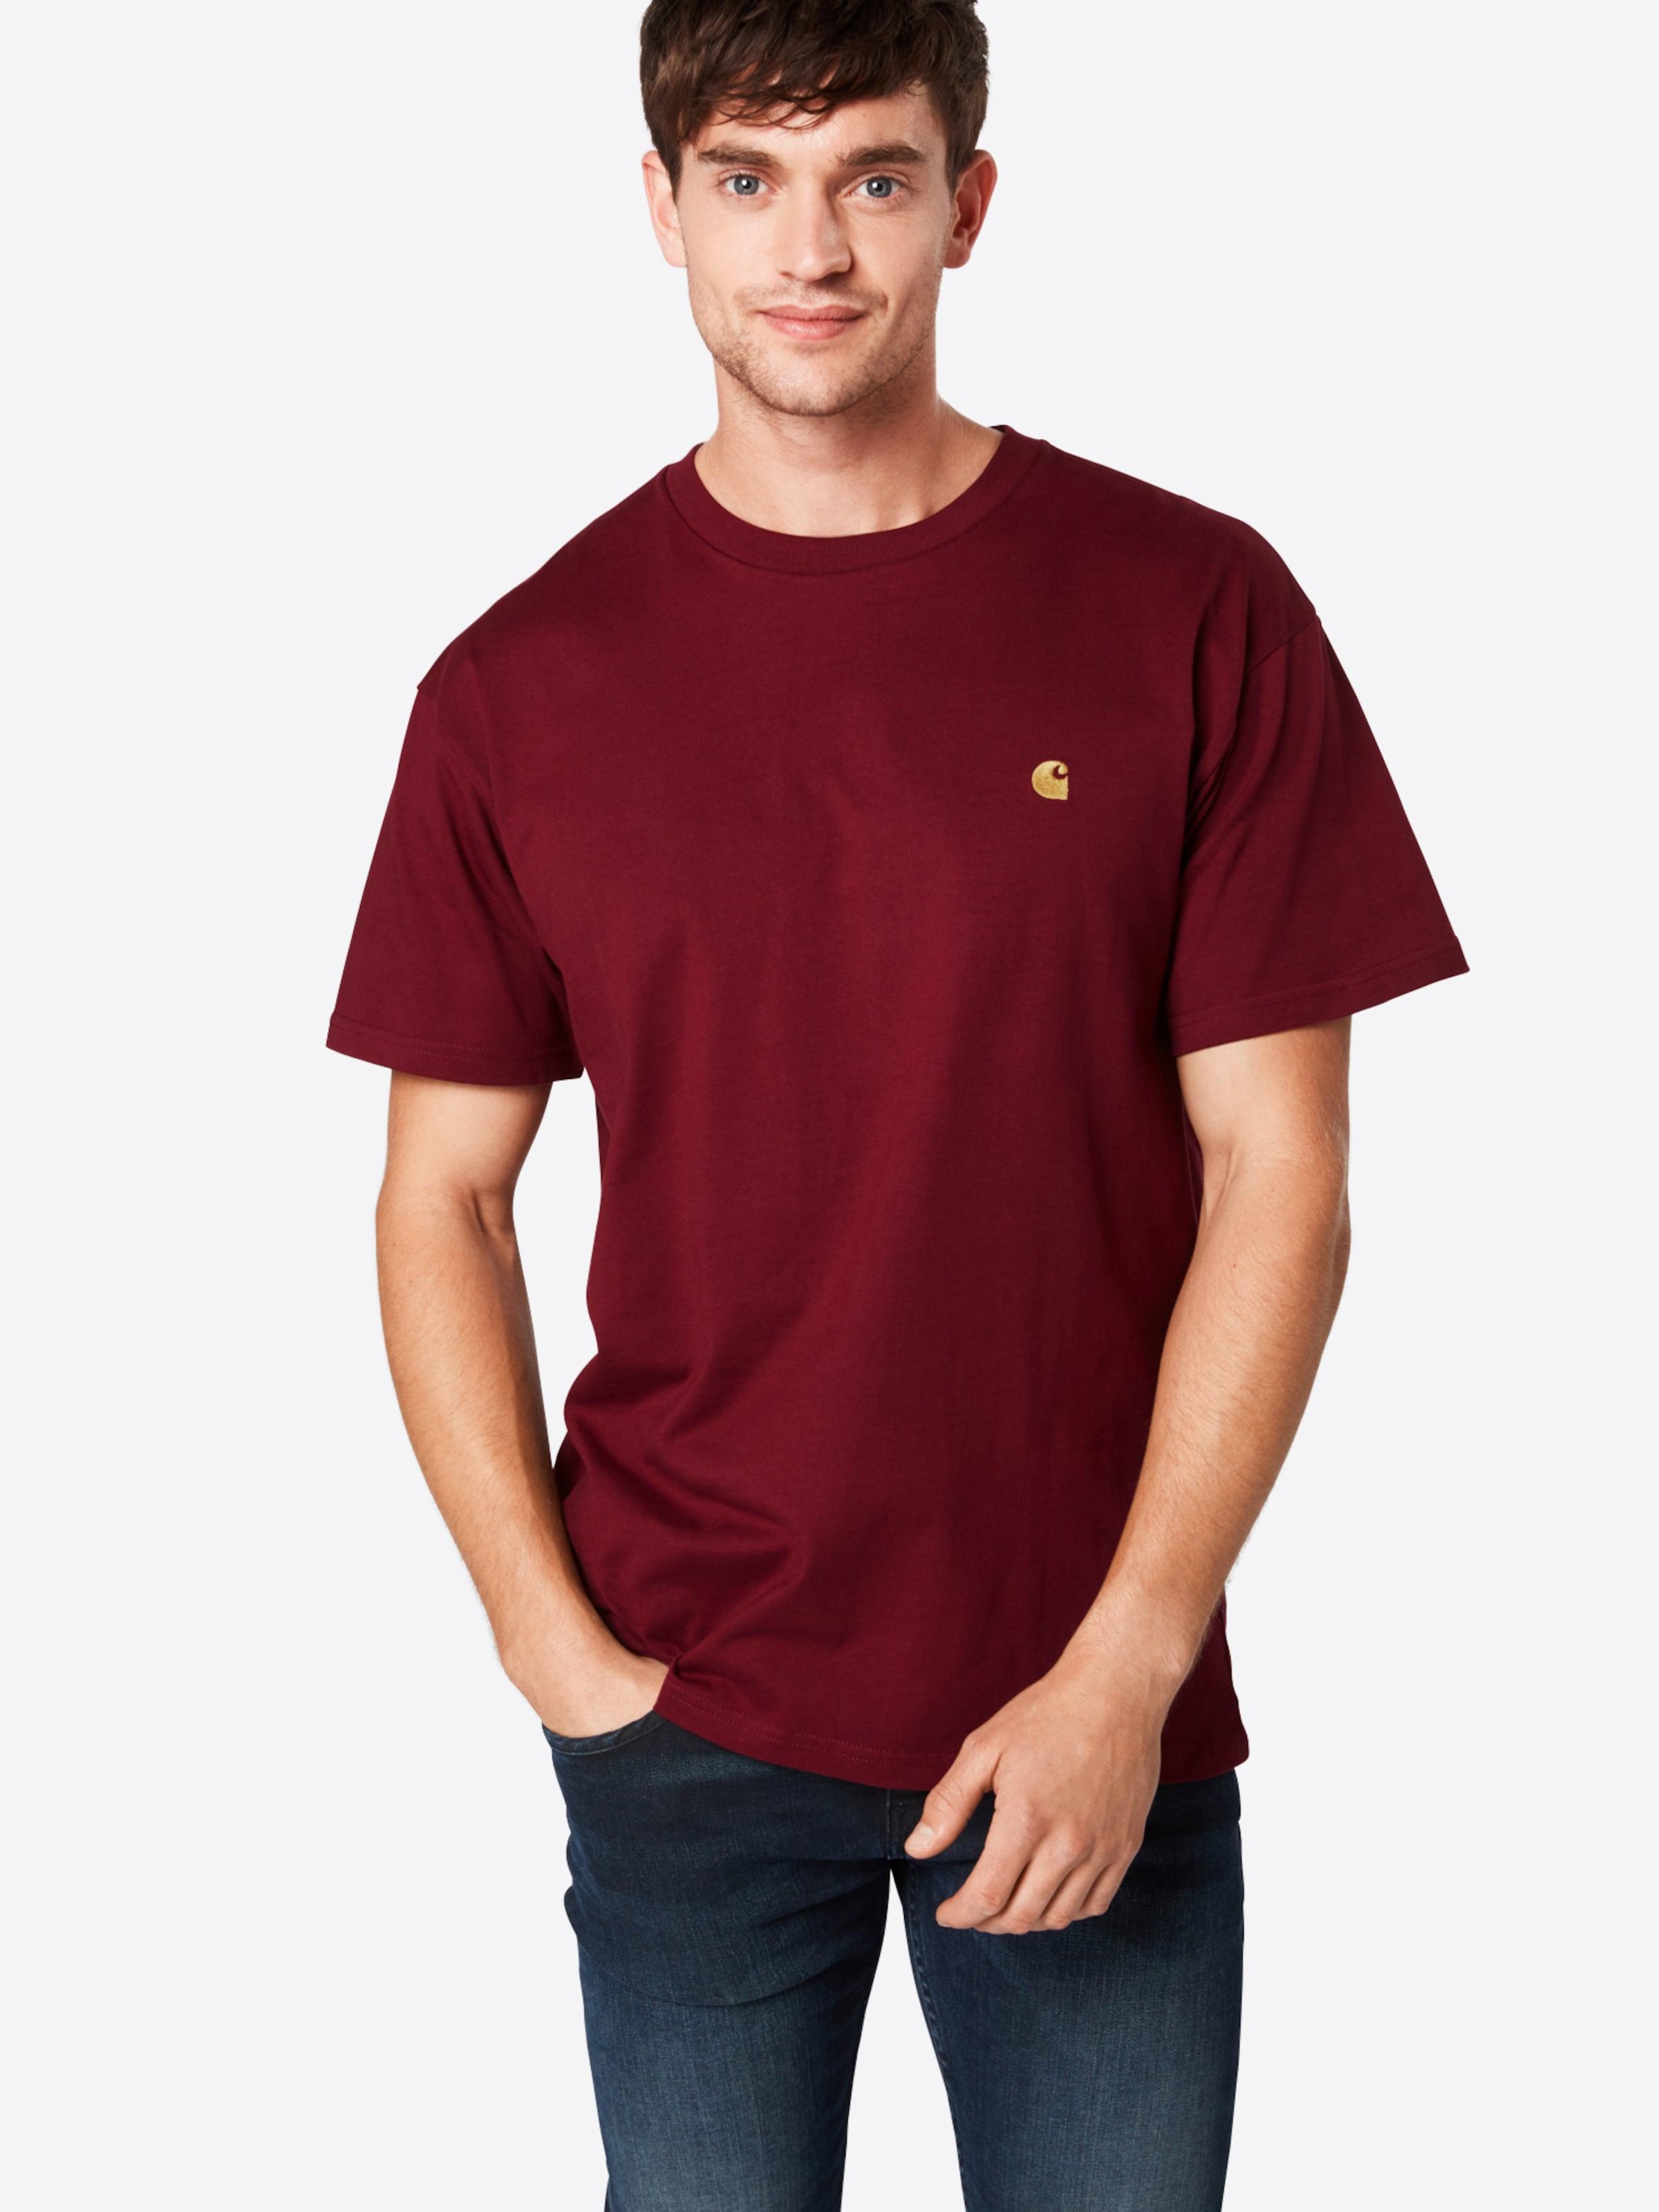 Chase Lie Carhartt Wip De T 's s shirt T shirt' En Vin ZXOPkiuwT